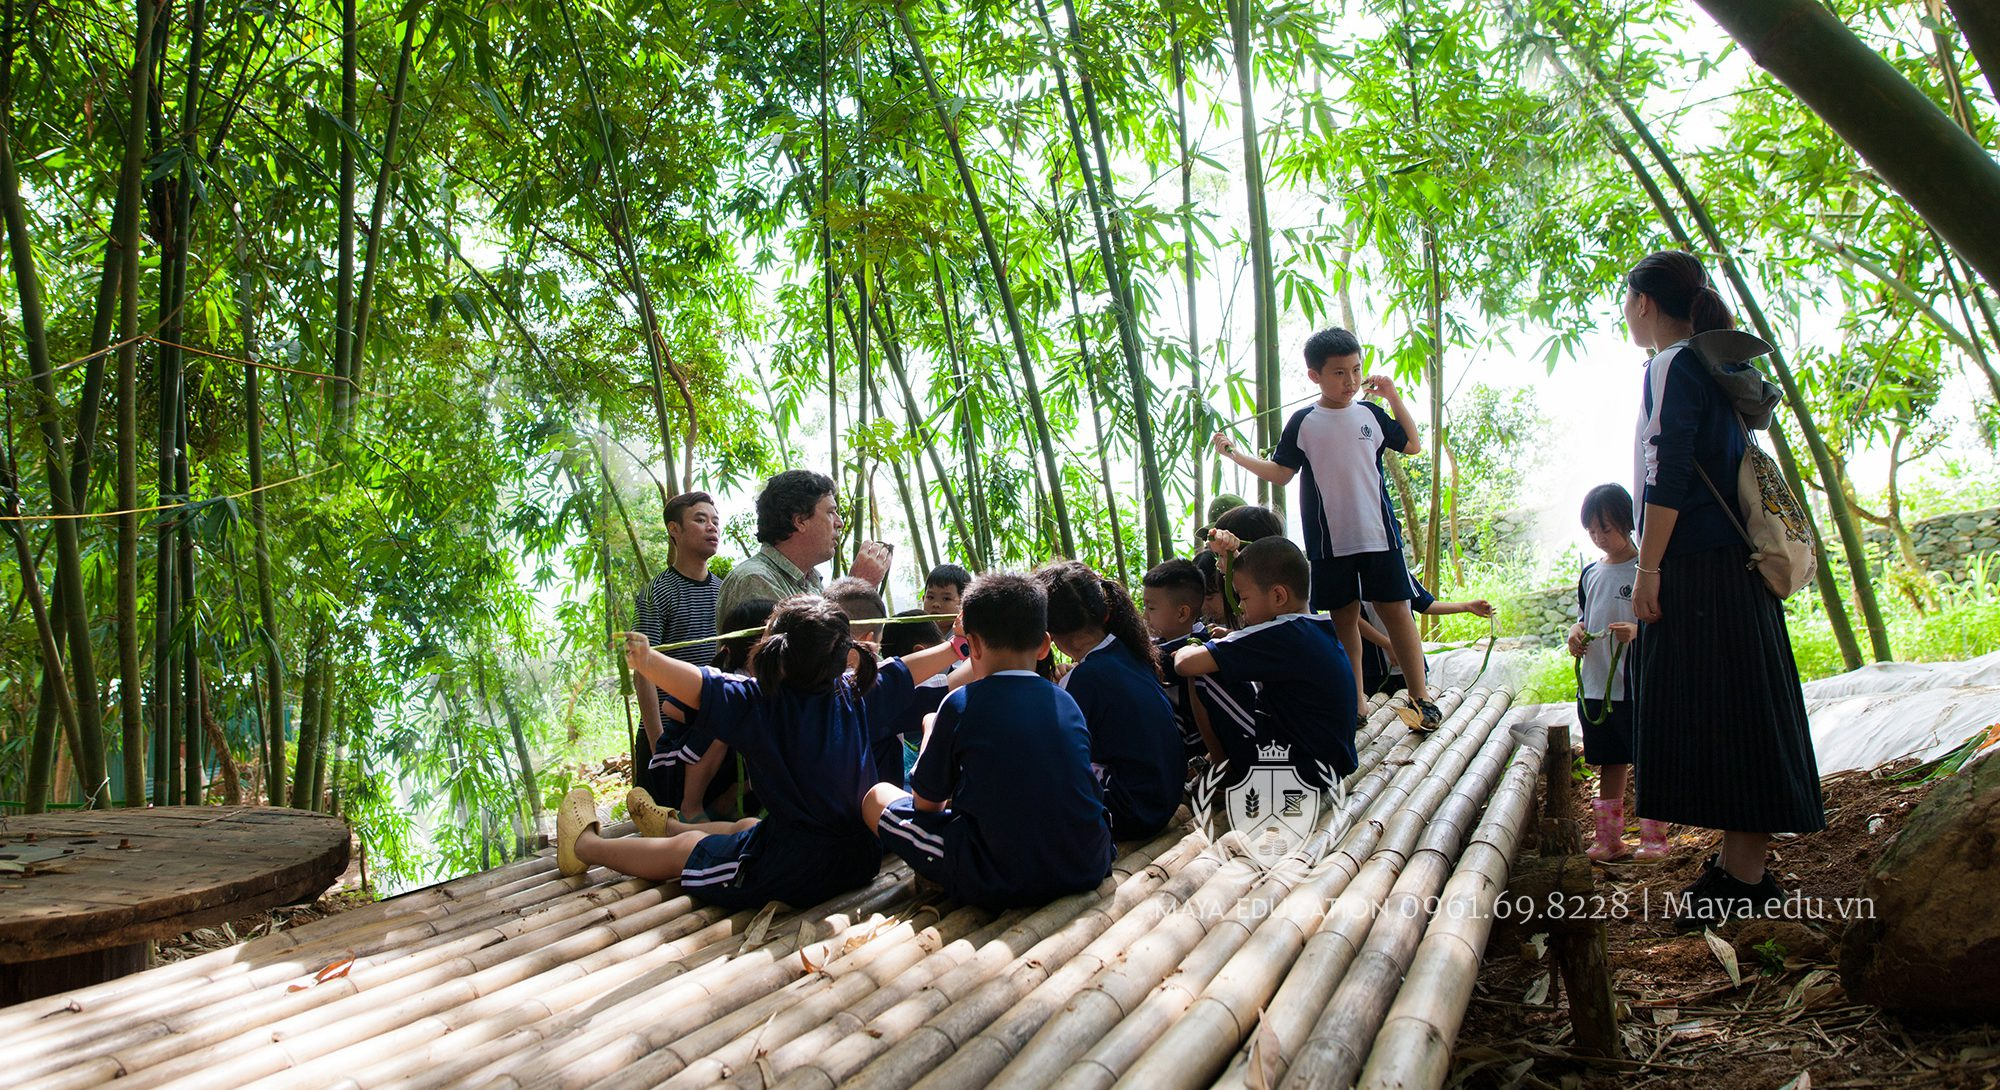 Lợi ích của việc học tập bên ngoài lớp học